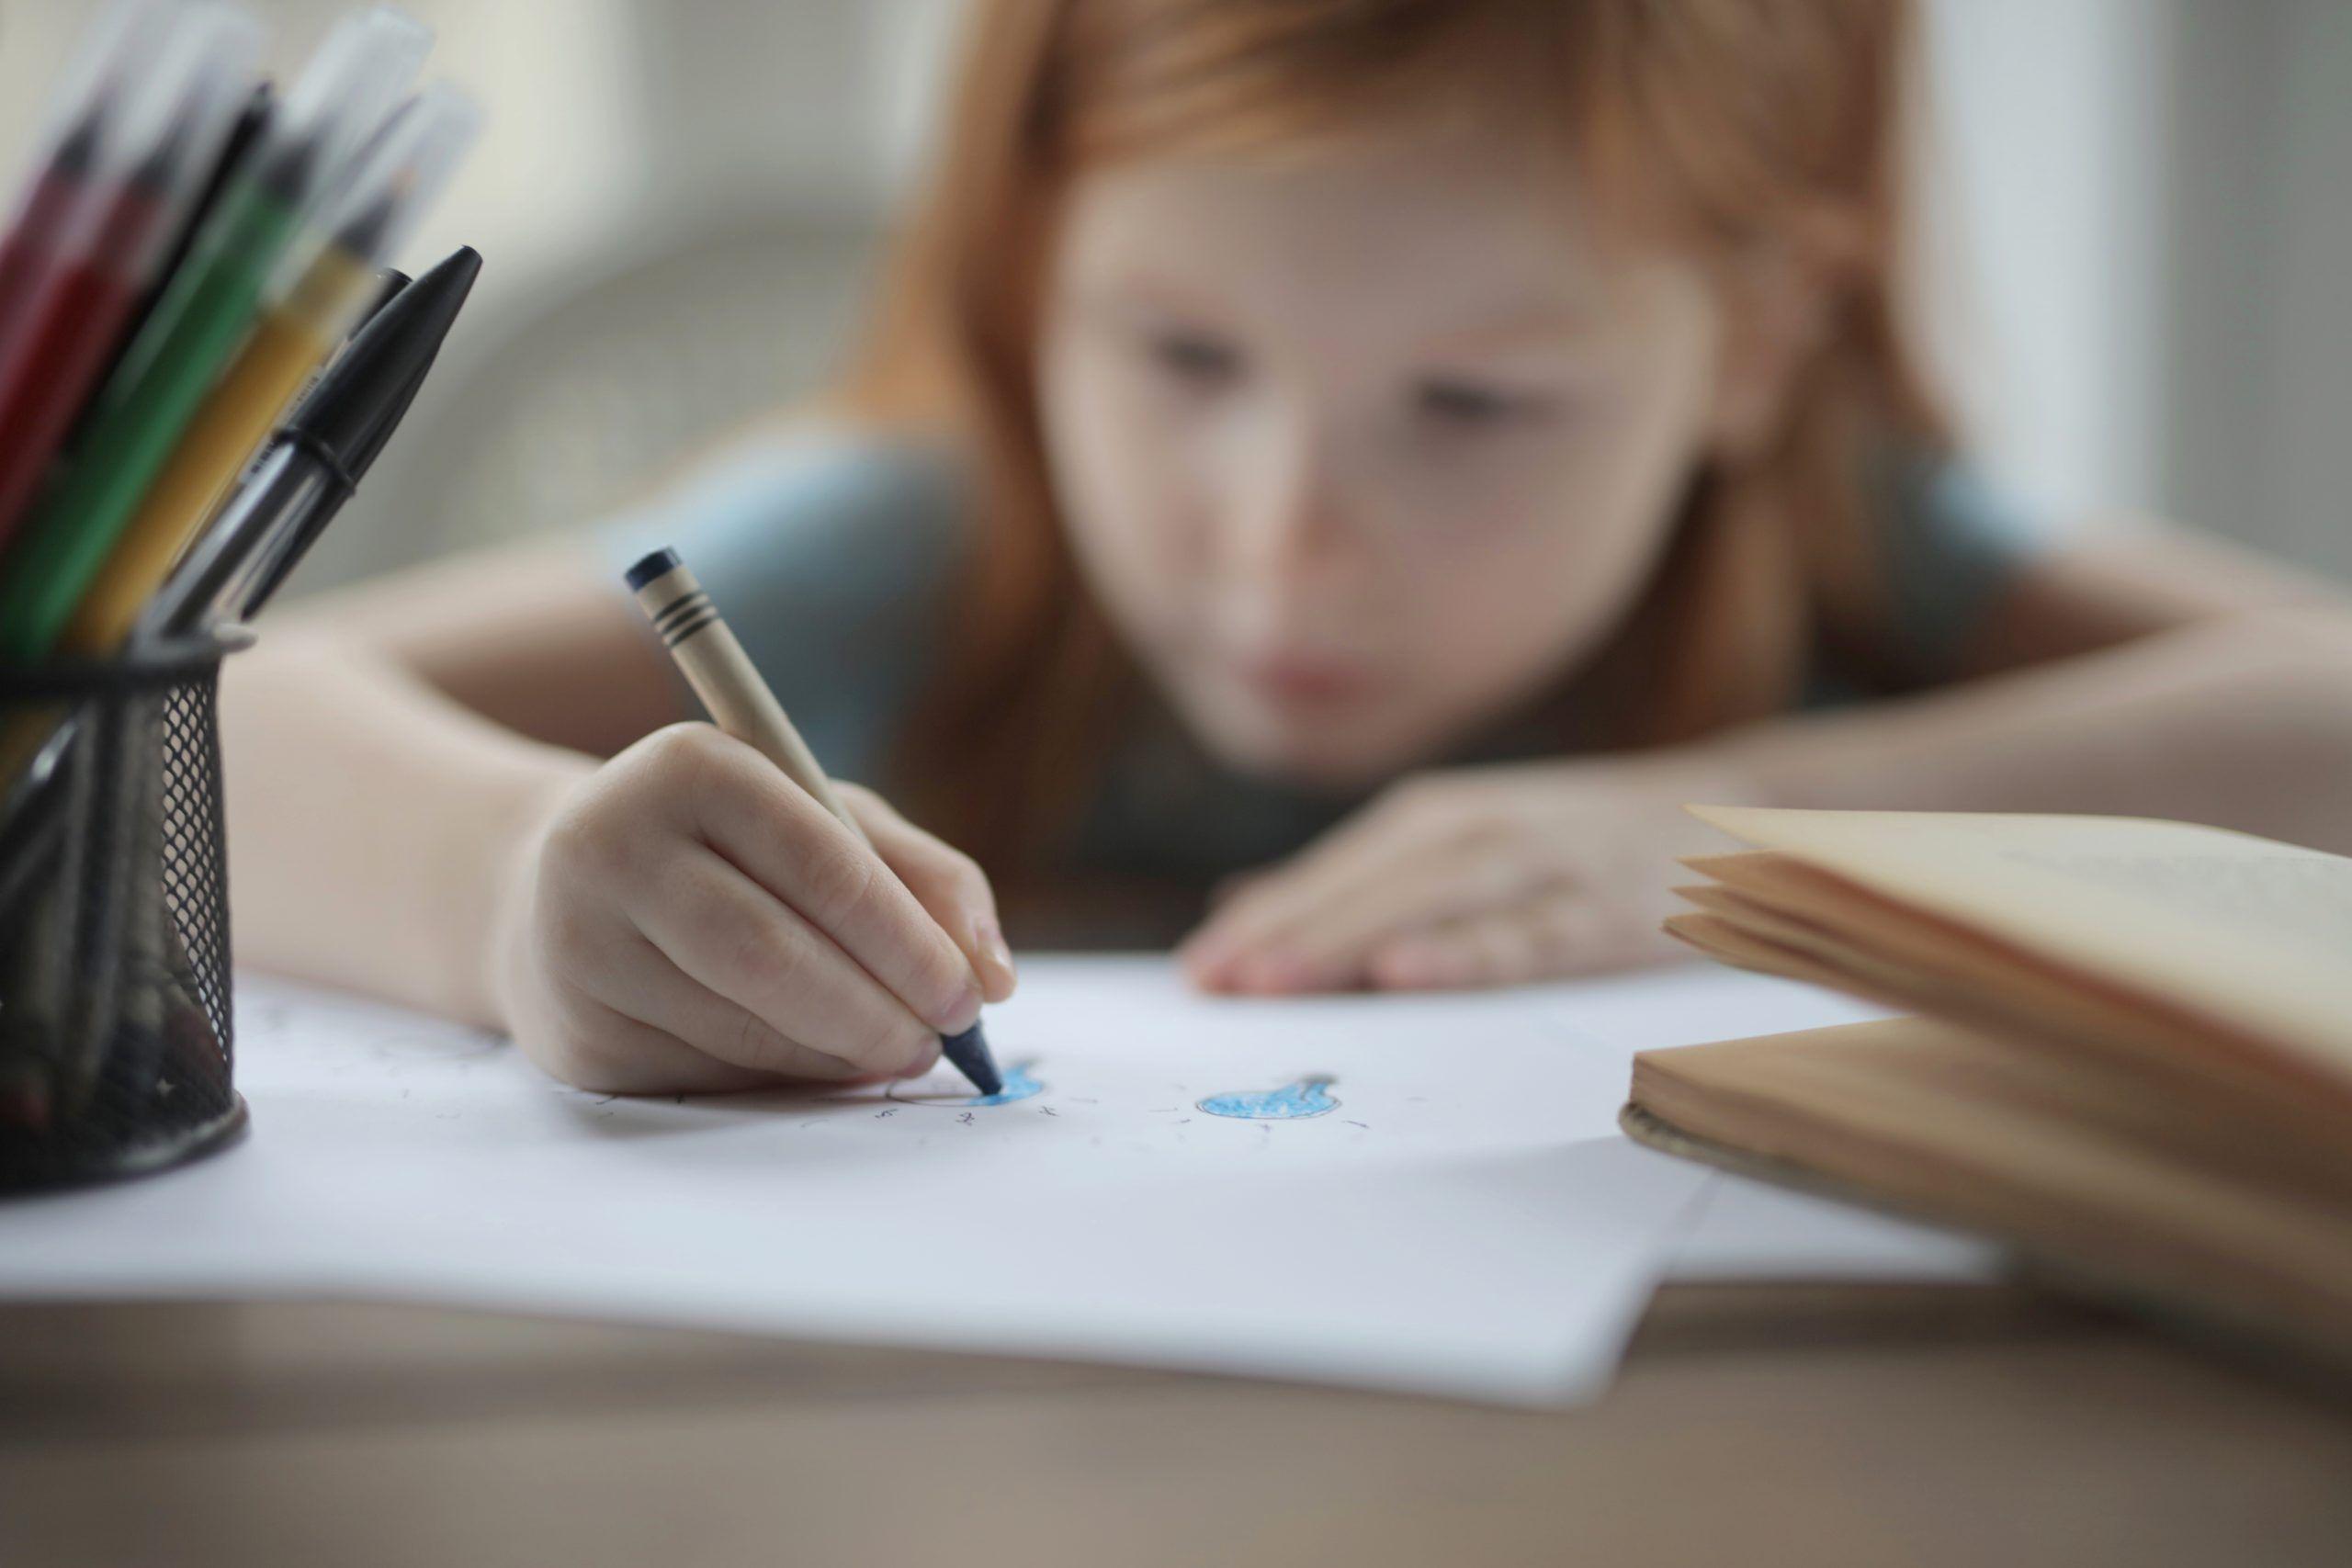 ΕΣΠΑ παιδικοί σταθμοί ΕΕΤΑΑ: Σε λίγες ώρες η ανακοίνωση των προσωρινών αποτελεσμάτων